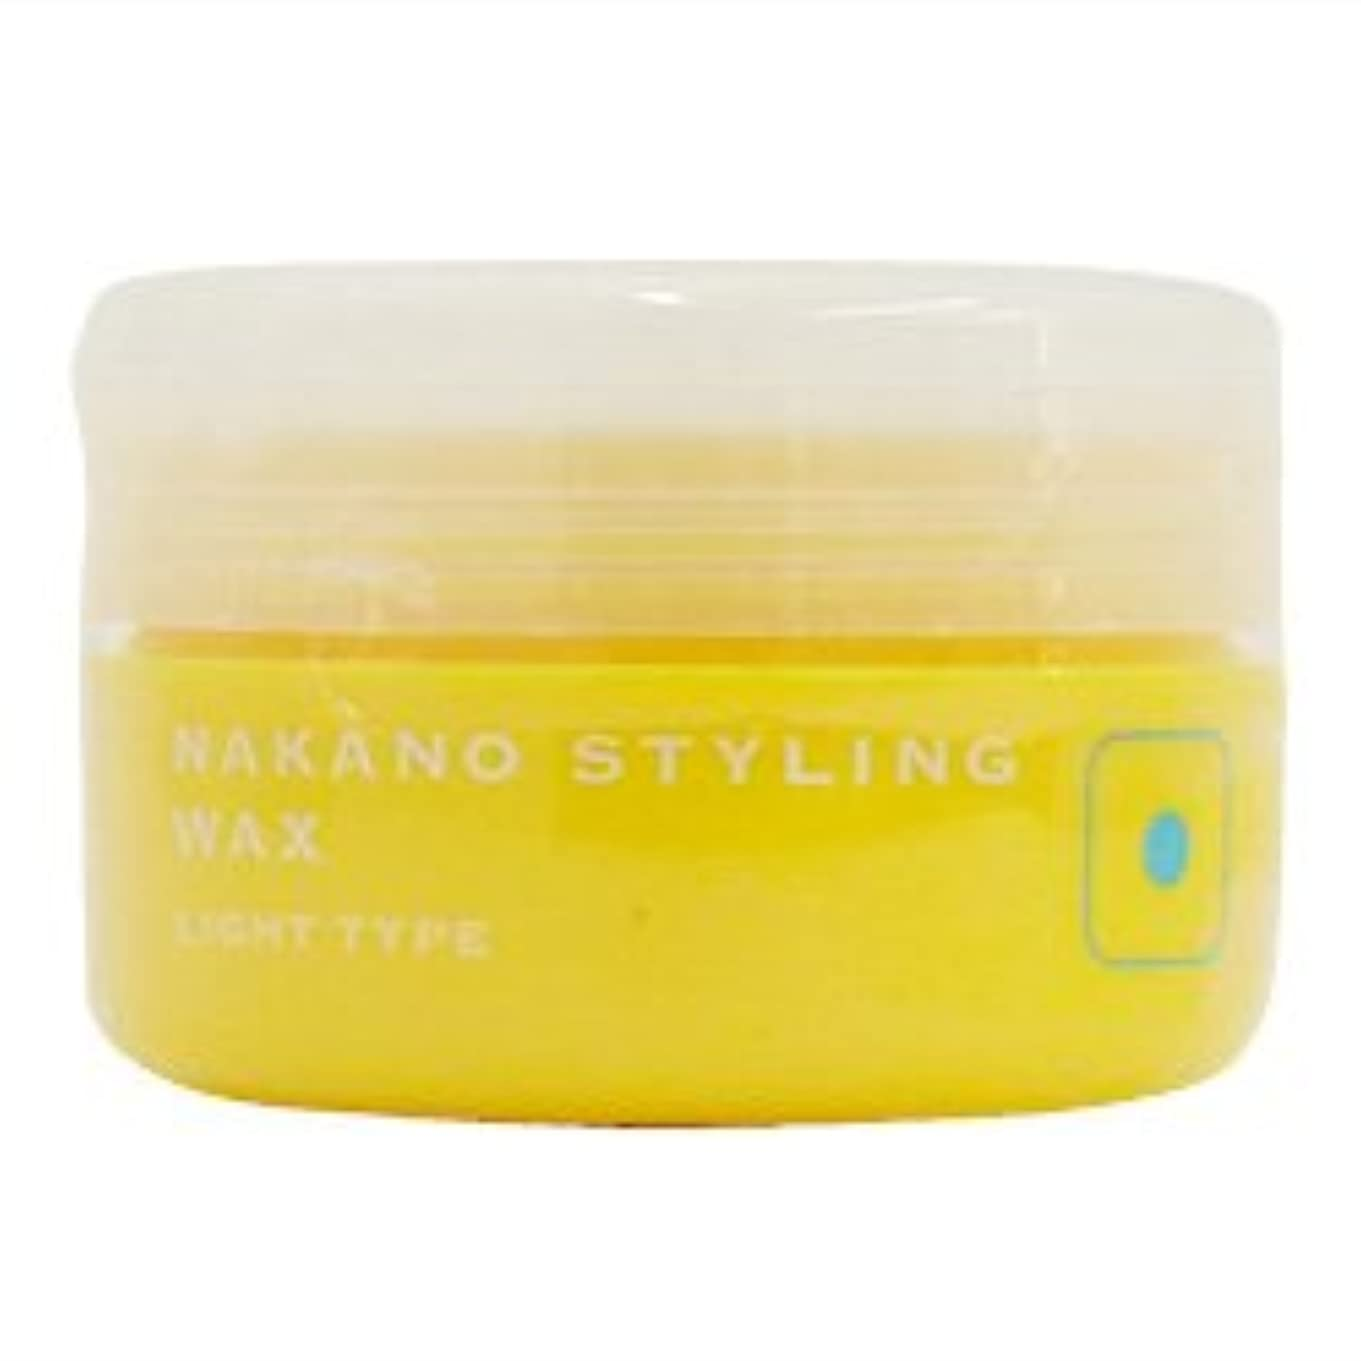 魅力的男性アリナカノ スタイリングワックス 1 ライトタイプ 90g 中野製薬 NAKANO